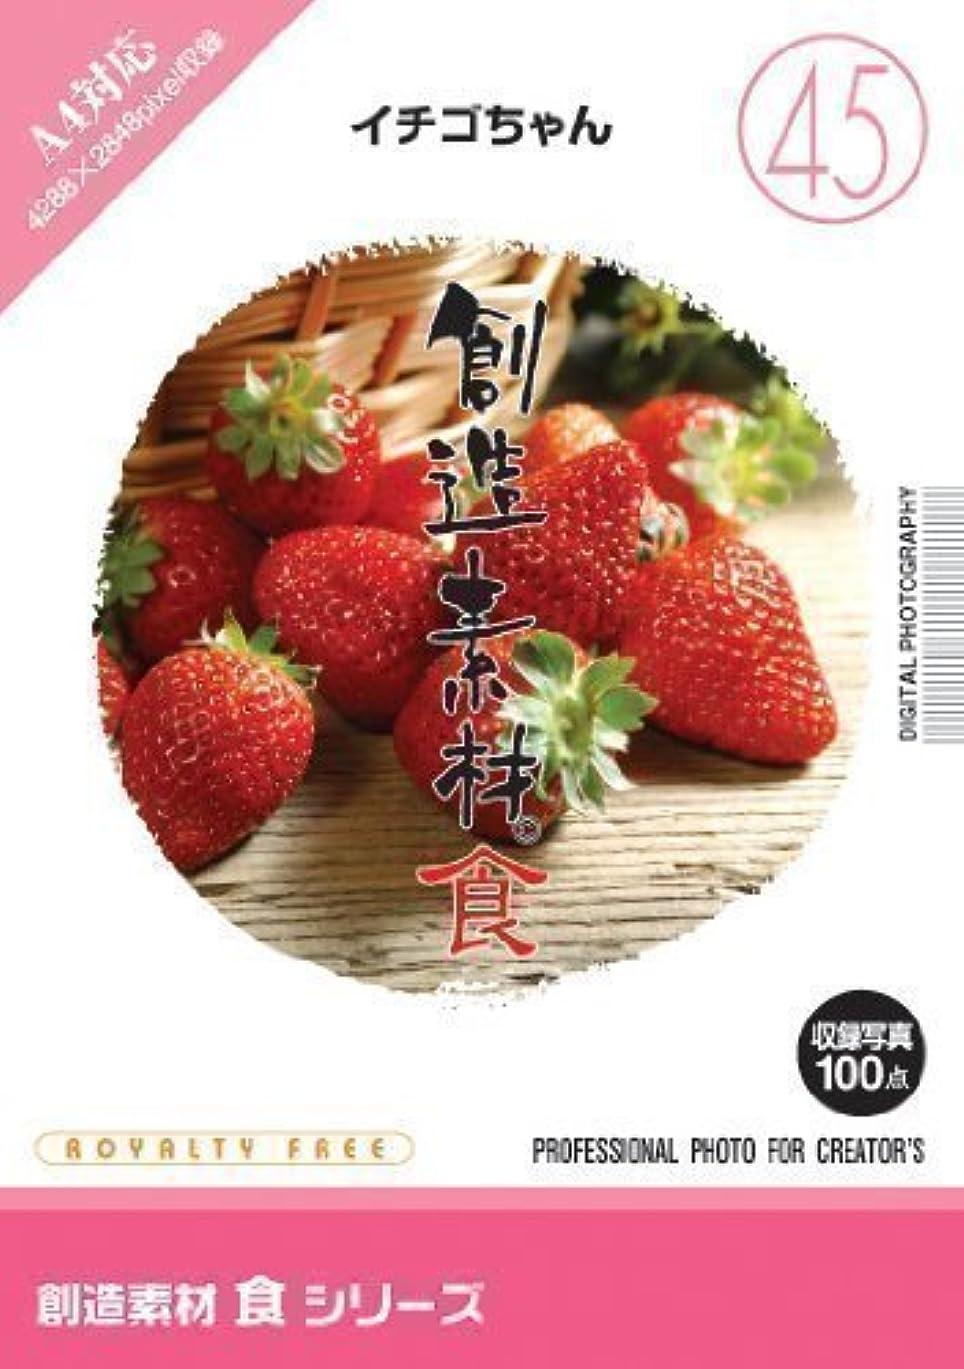 スモッグ機会非武装化創造素材 食(45)イチゴちゃん